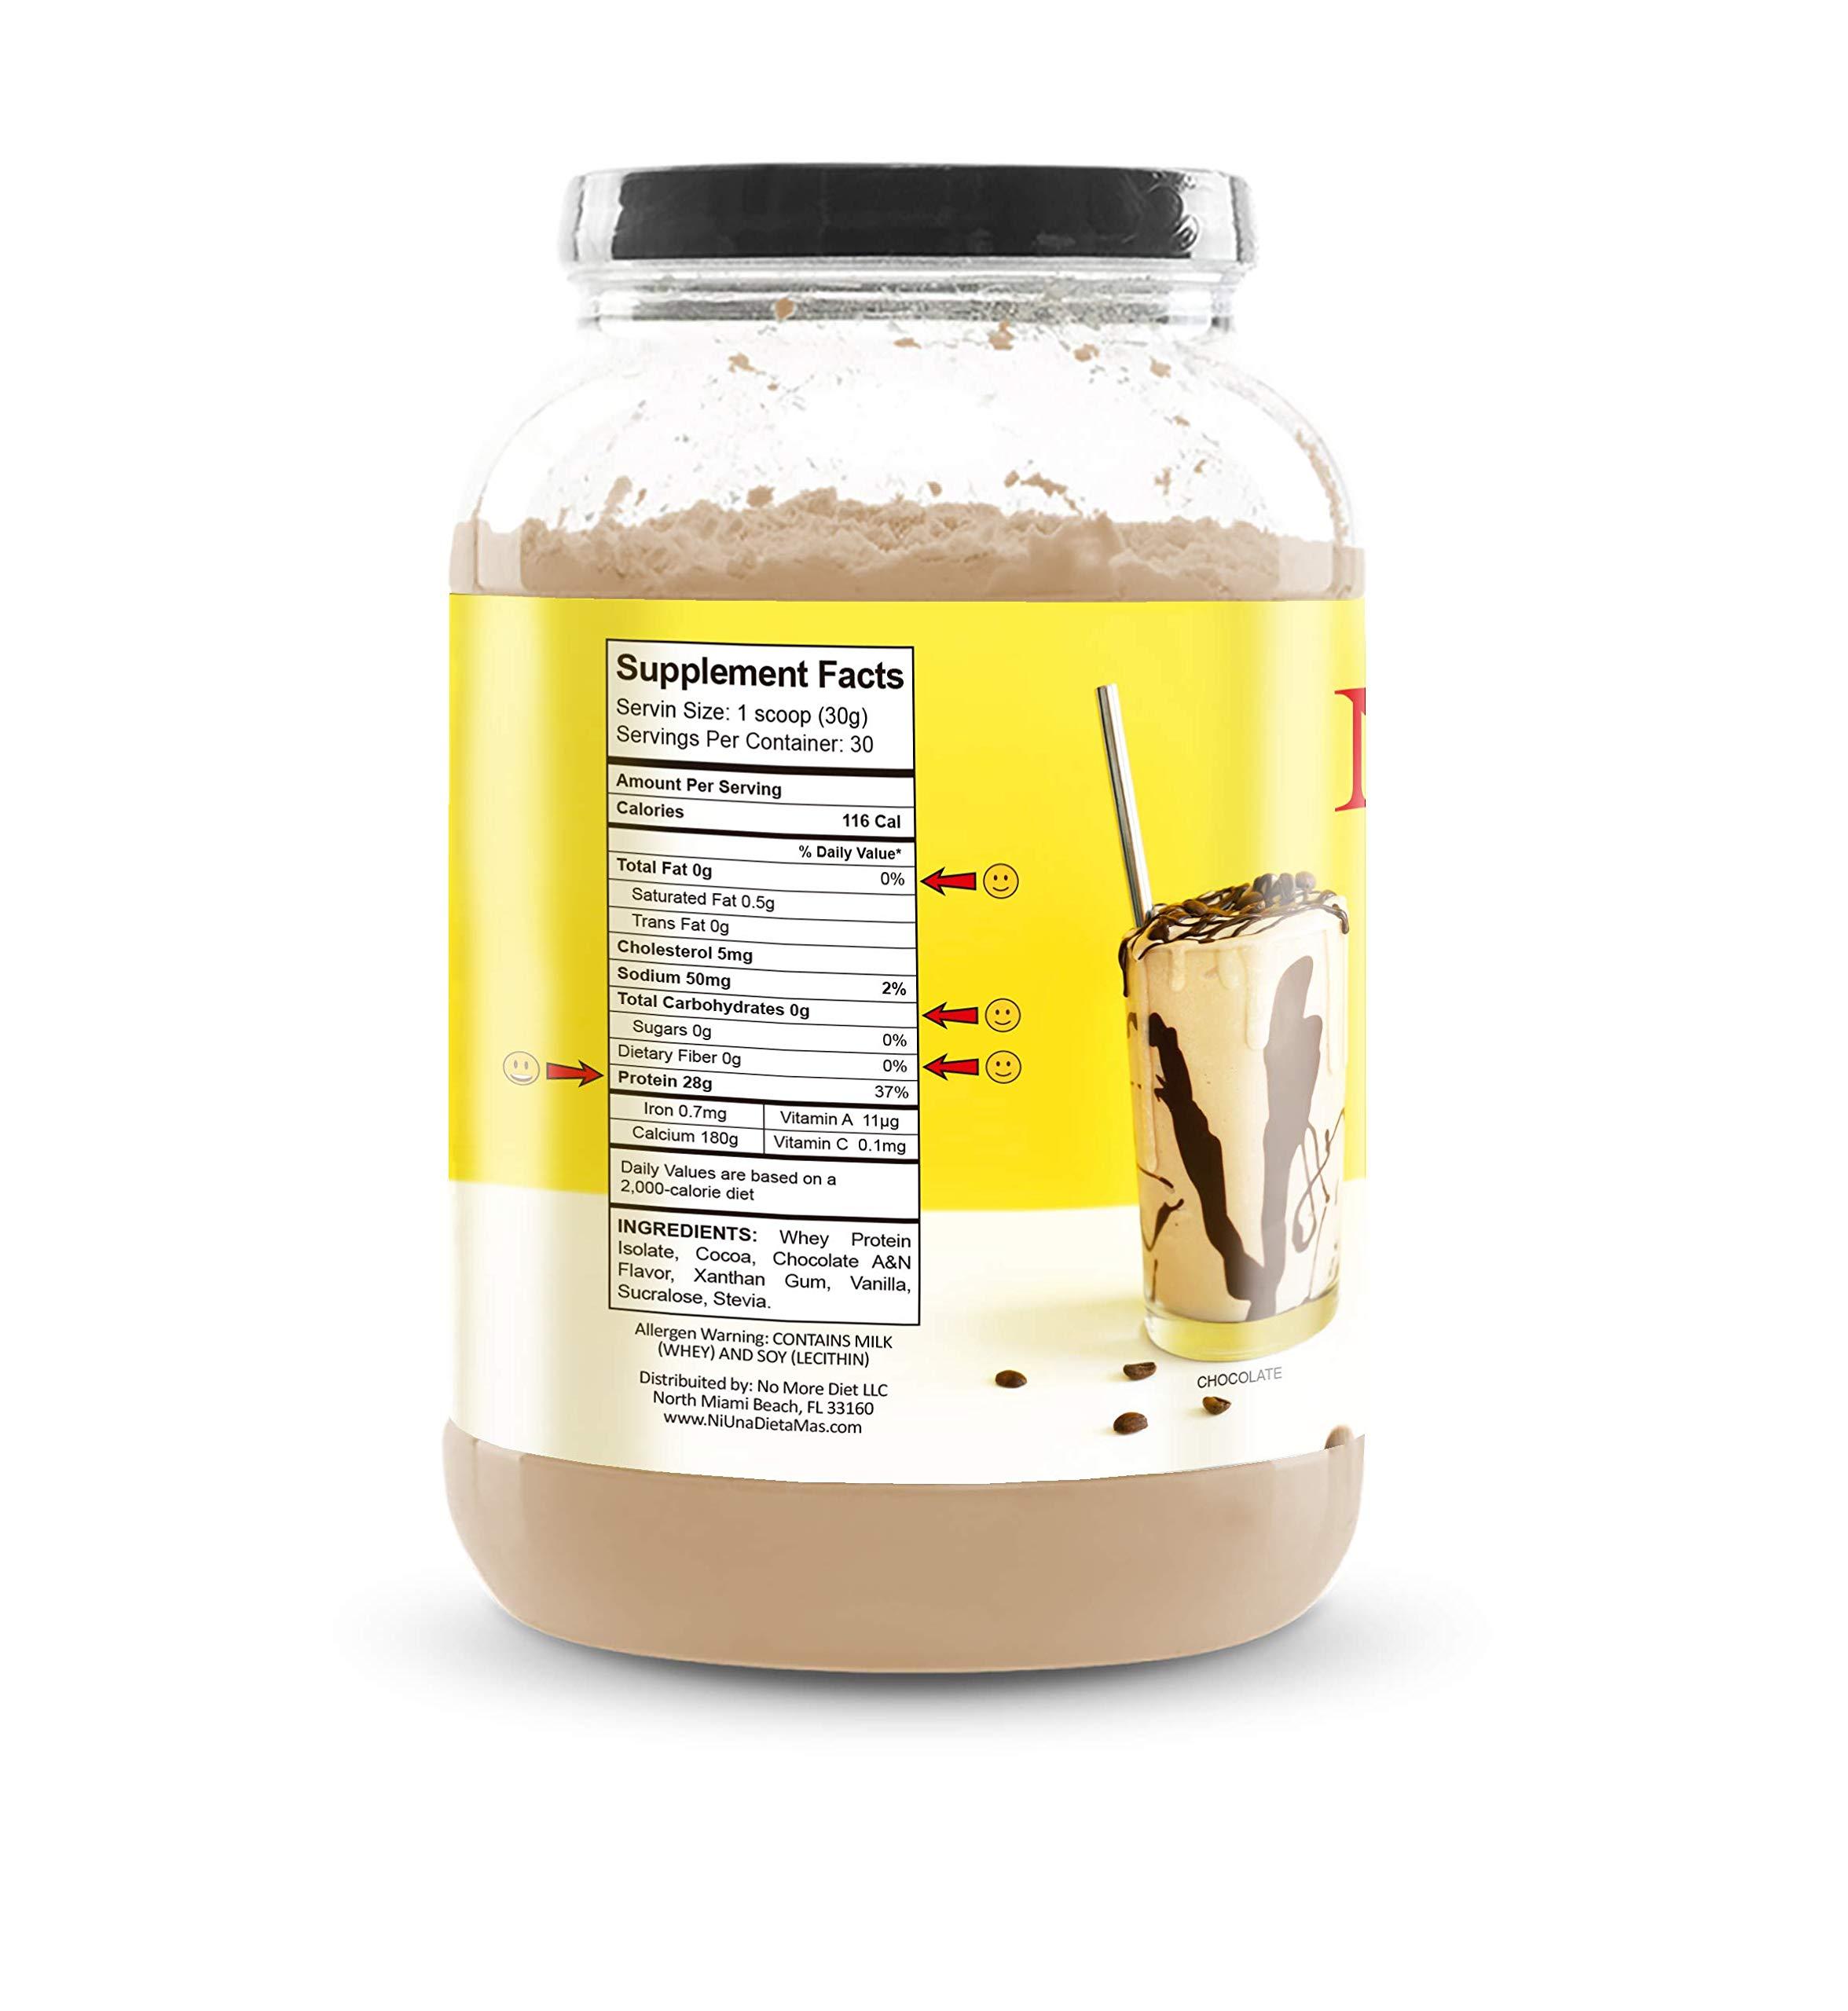 NI UNA DIETA MAS - Whey Protein Isolate (Delicious Chocolate) No Sugar, No Lactose, Easy to Mix by Ni una dieta más (Image #2)